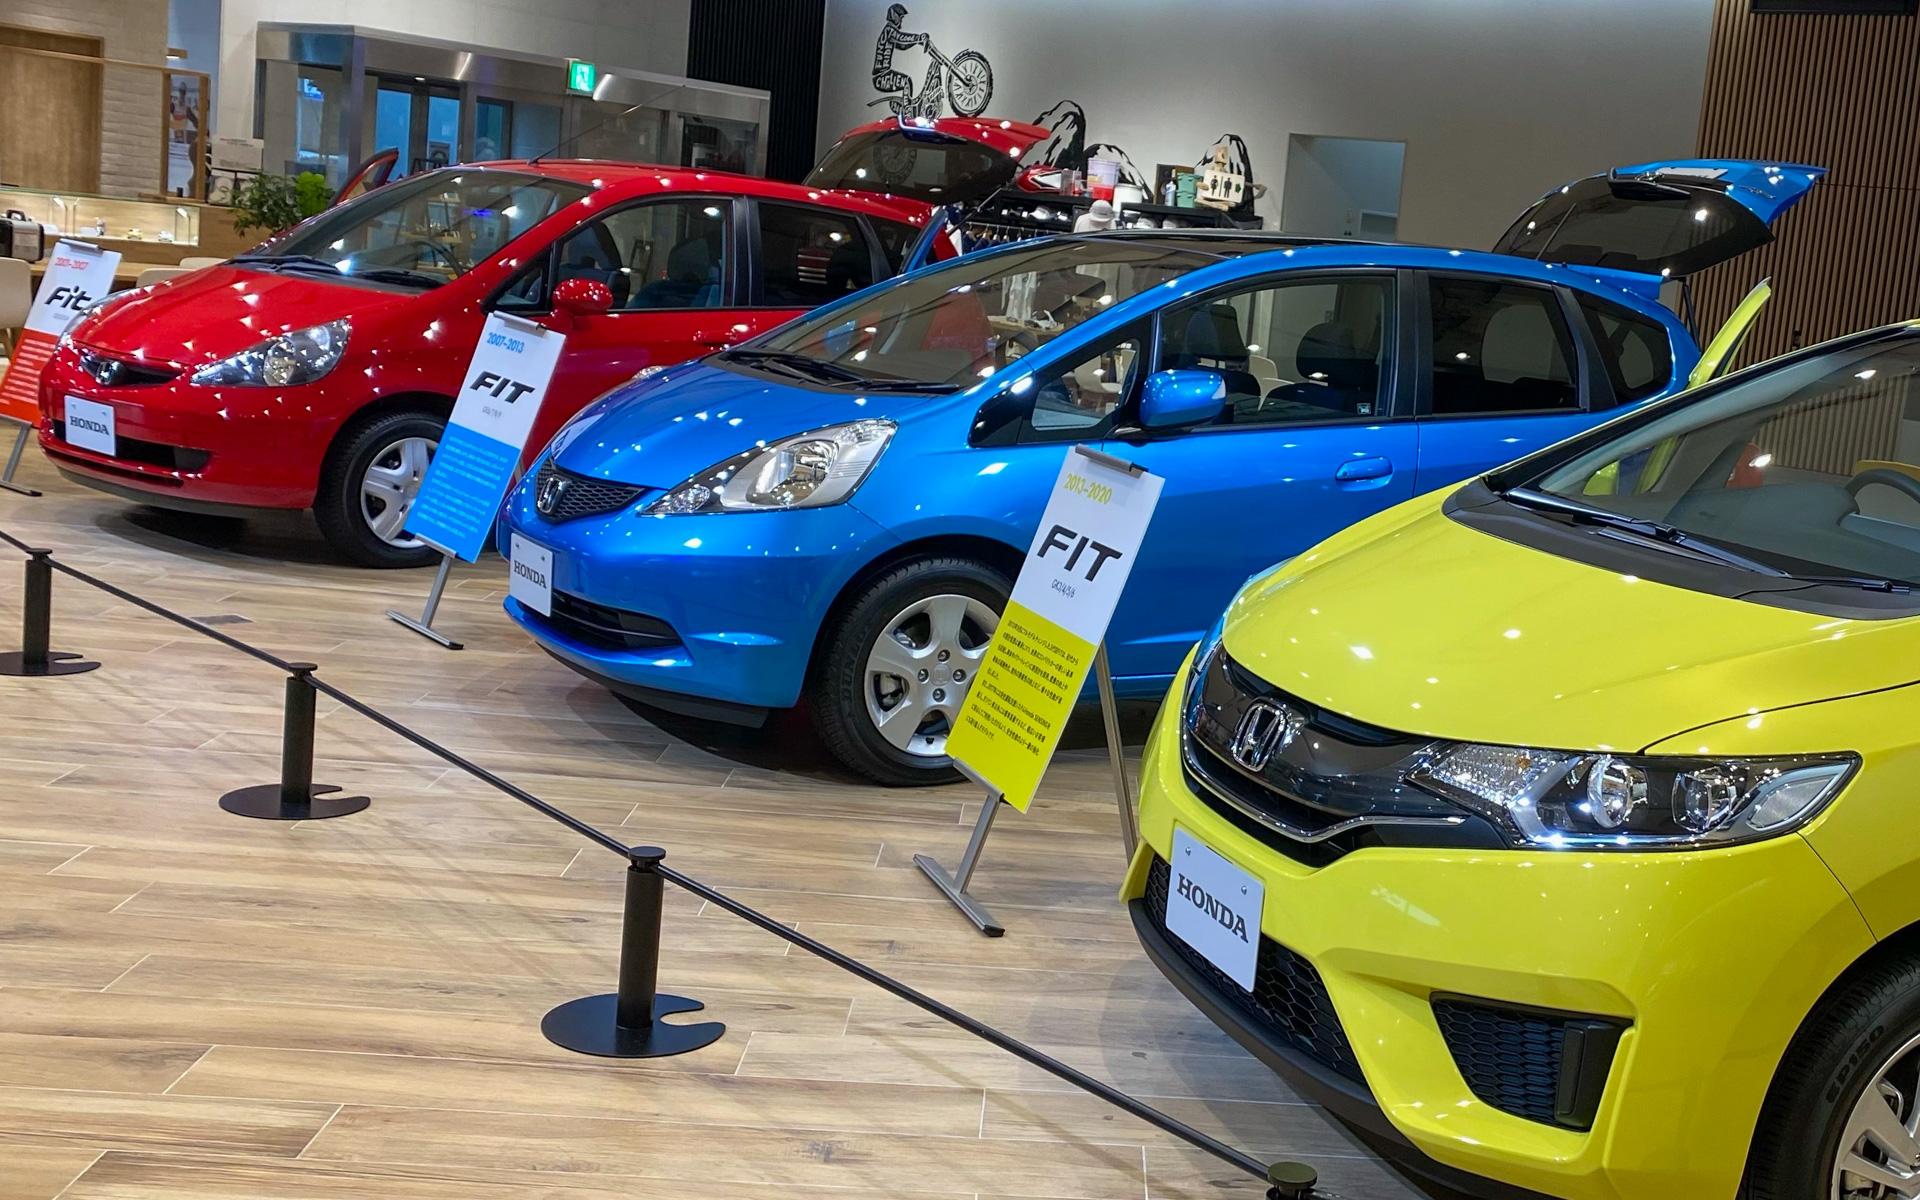 7月19日までHondaウェルカムプラザ青山で開催されている、FIT 20周年記念展「FIT HAPPY 20 YEARS」。赤・青・黄色のカラフルな初代・2代目・3代目に目を奪われました。あなたはどの顔が好みでしょうか?